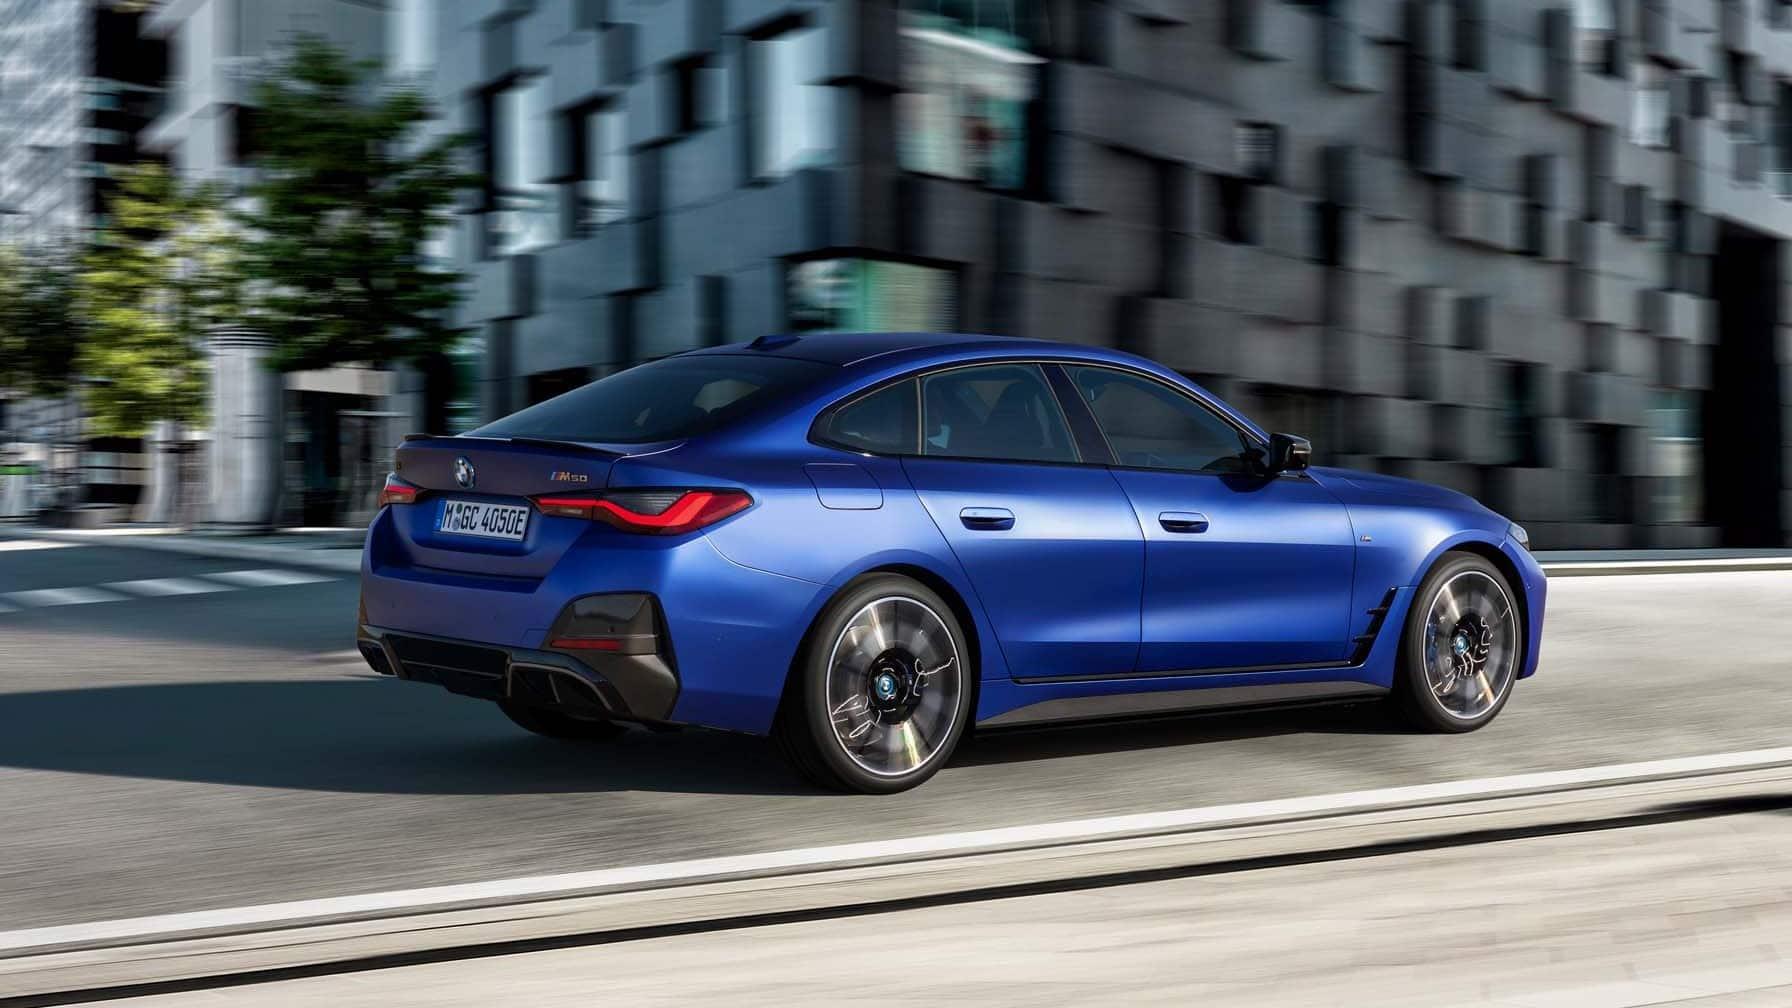 La BMW i4 eDrive est munie d'un seul moteur électrique. Source: www.guideauto.ca